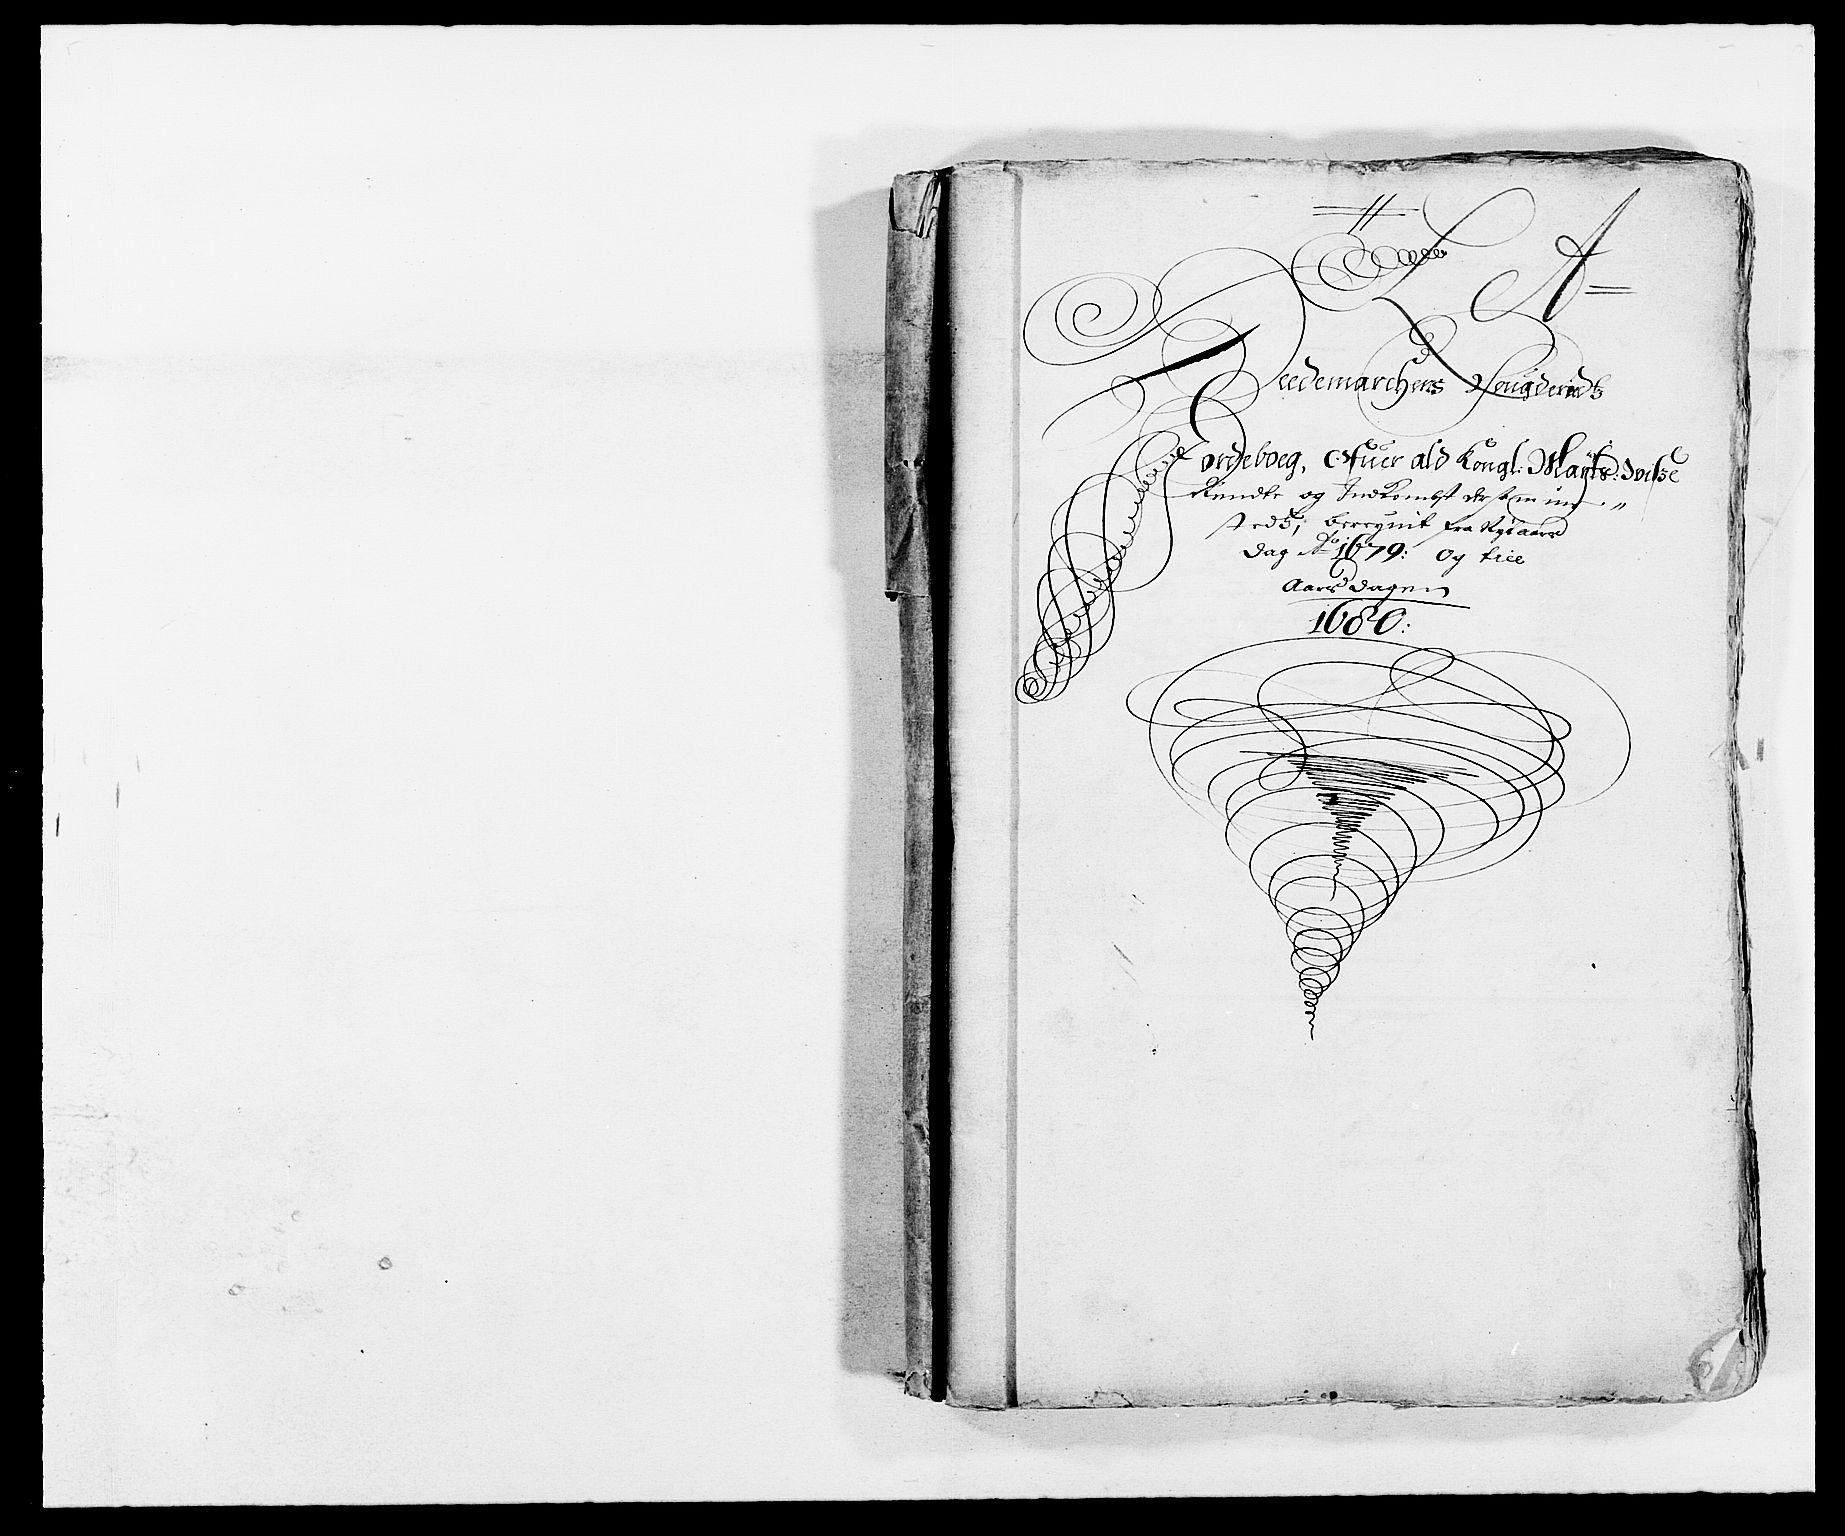 RA, Rentekammeret inntil 1814, Reviderte regnskaper, Fogderegnskap, R16/L1018: Fogderegnskap Hedmark, 1678-1679, s. 9